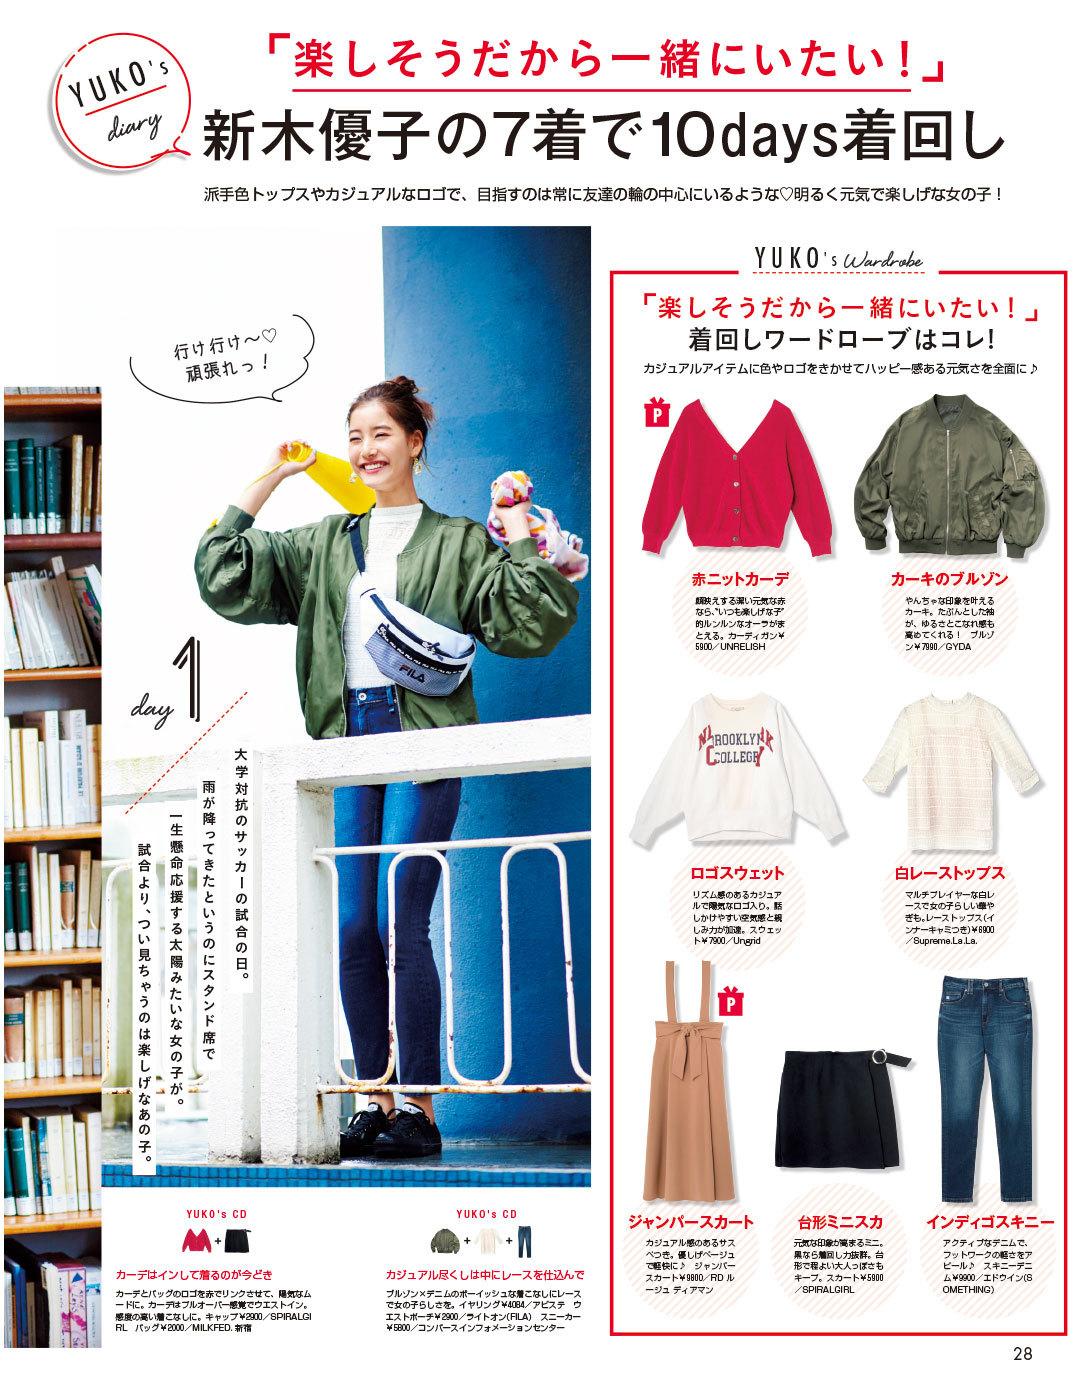 新木優子の7着で10days着まわし